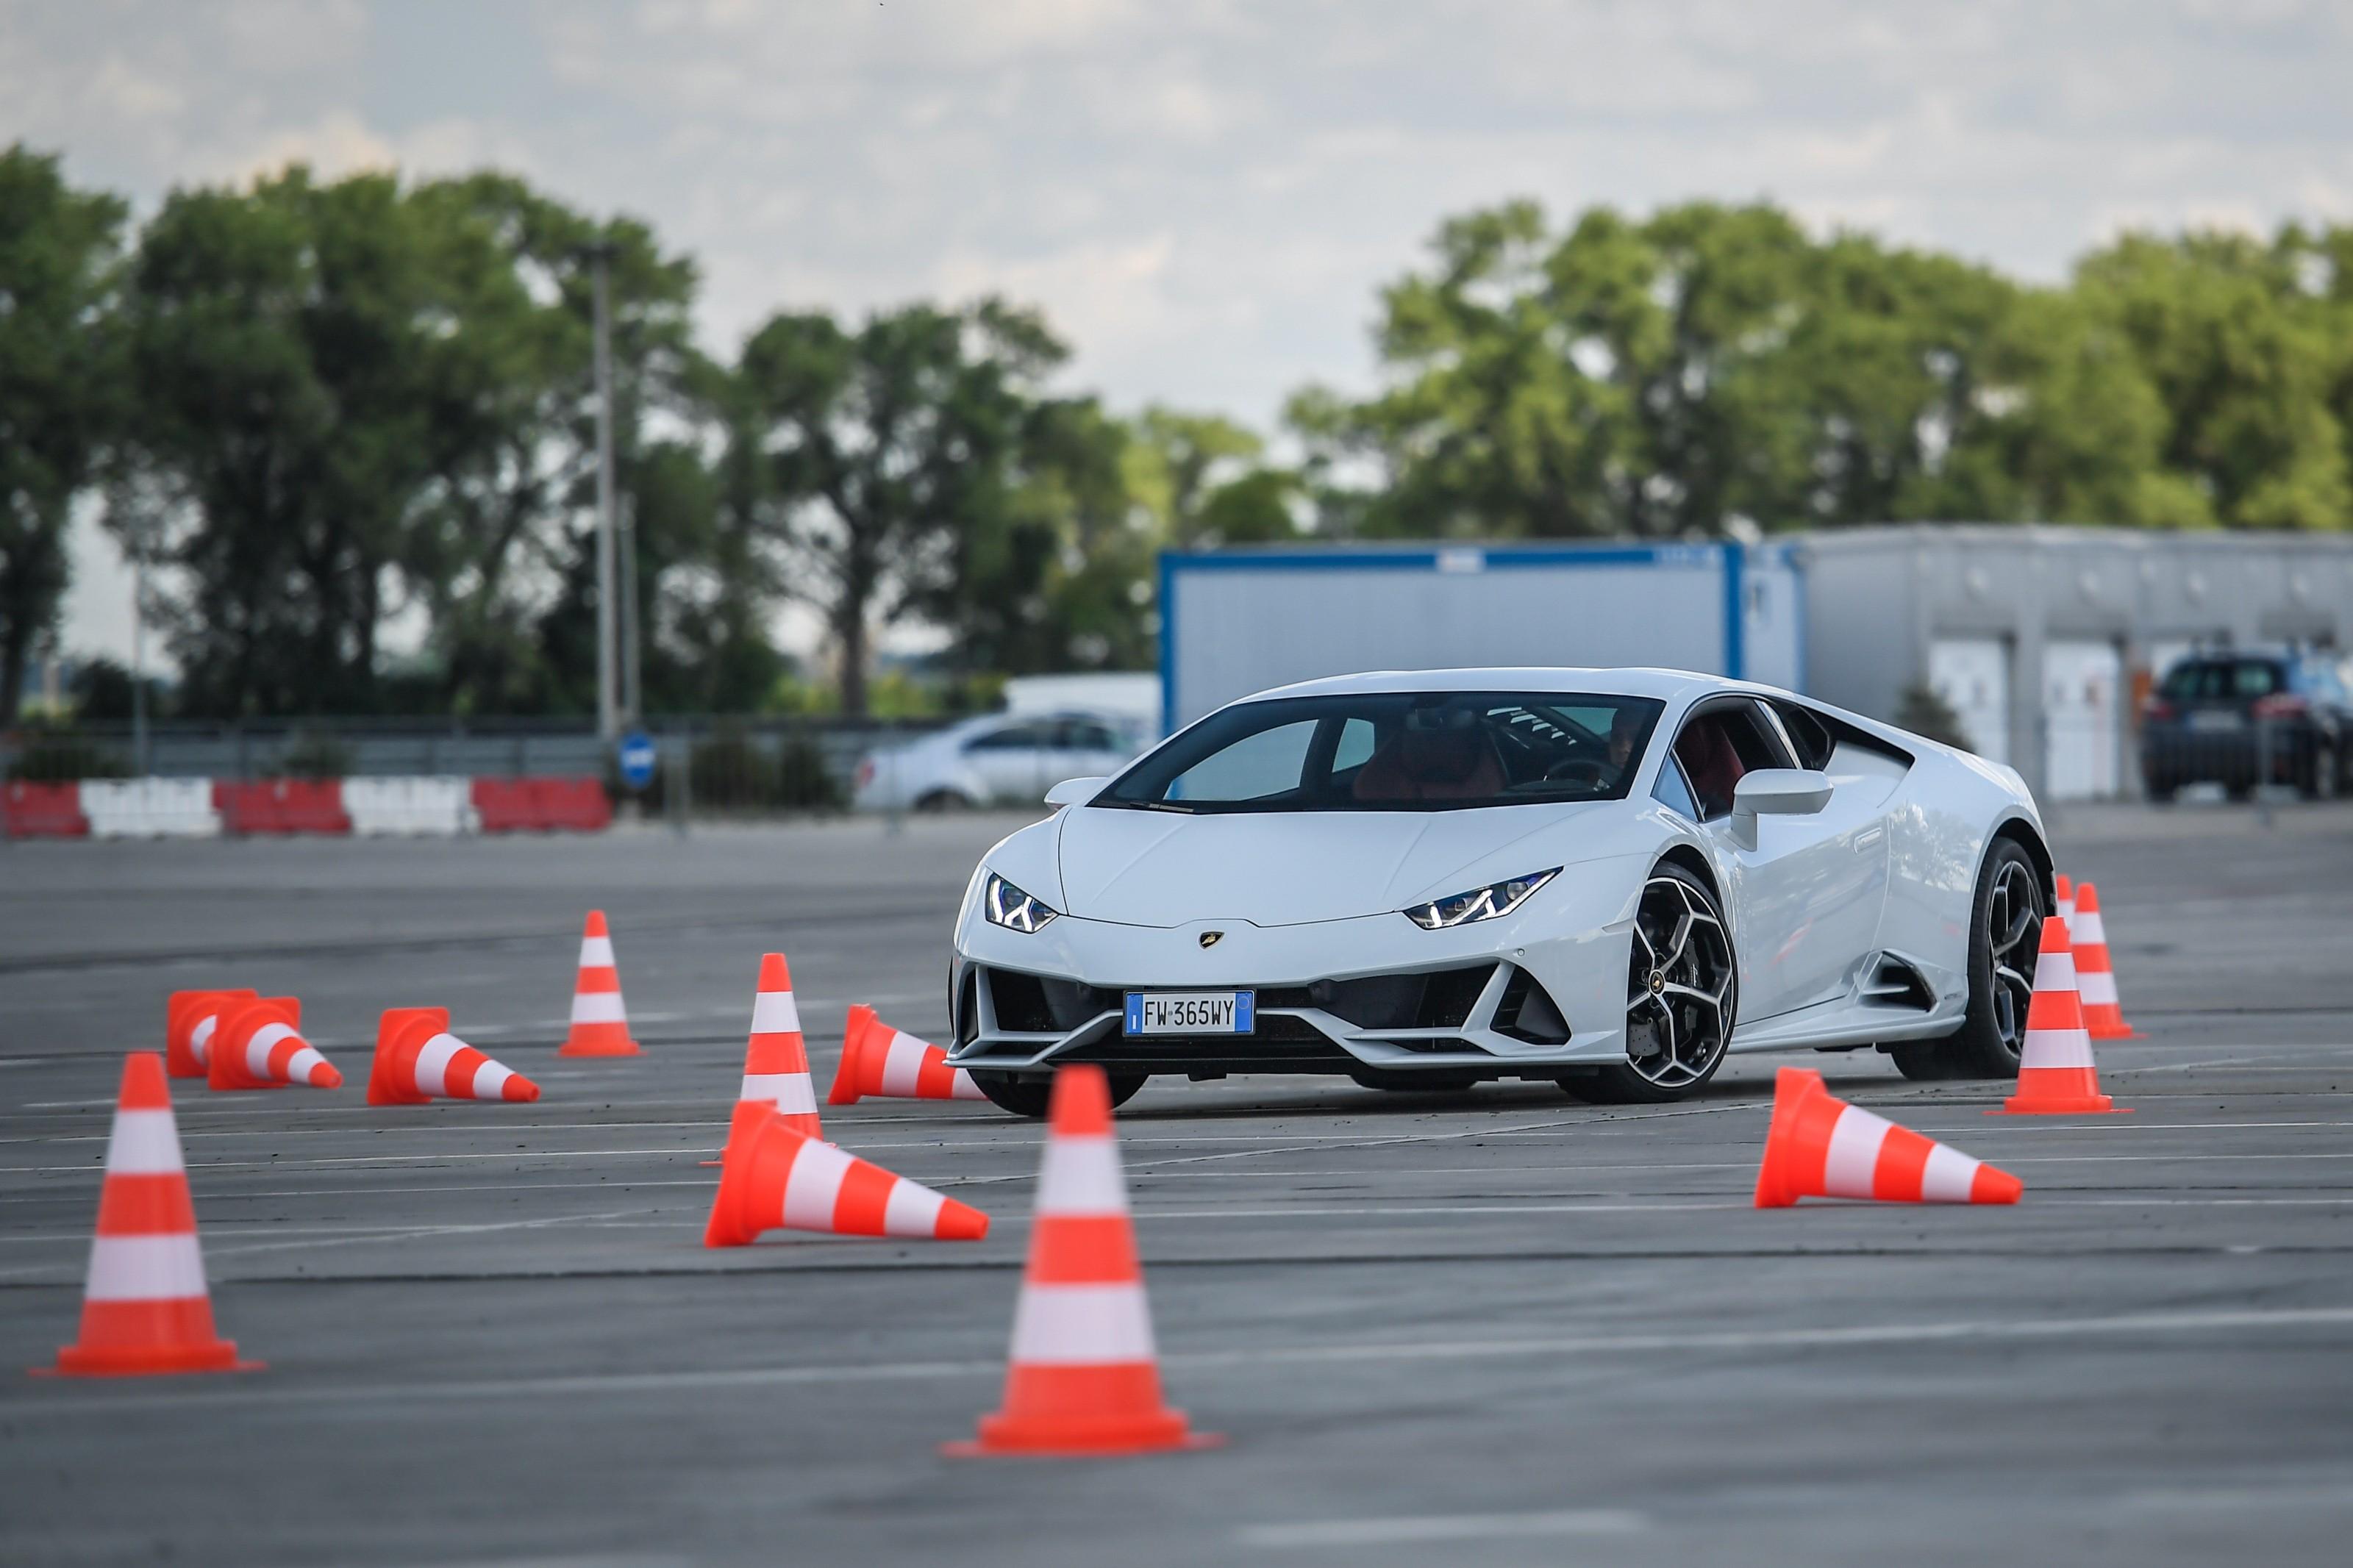 Driven: Lamborghini Huracan Evo Track Test - Artificial